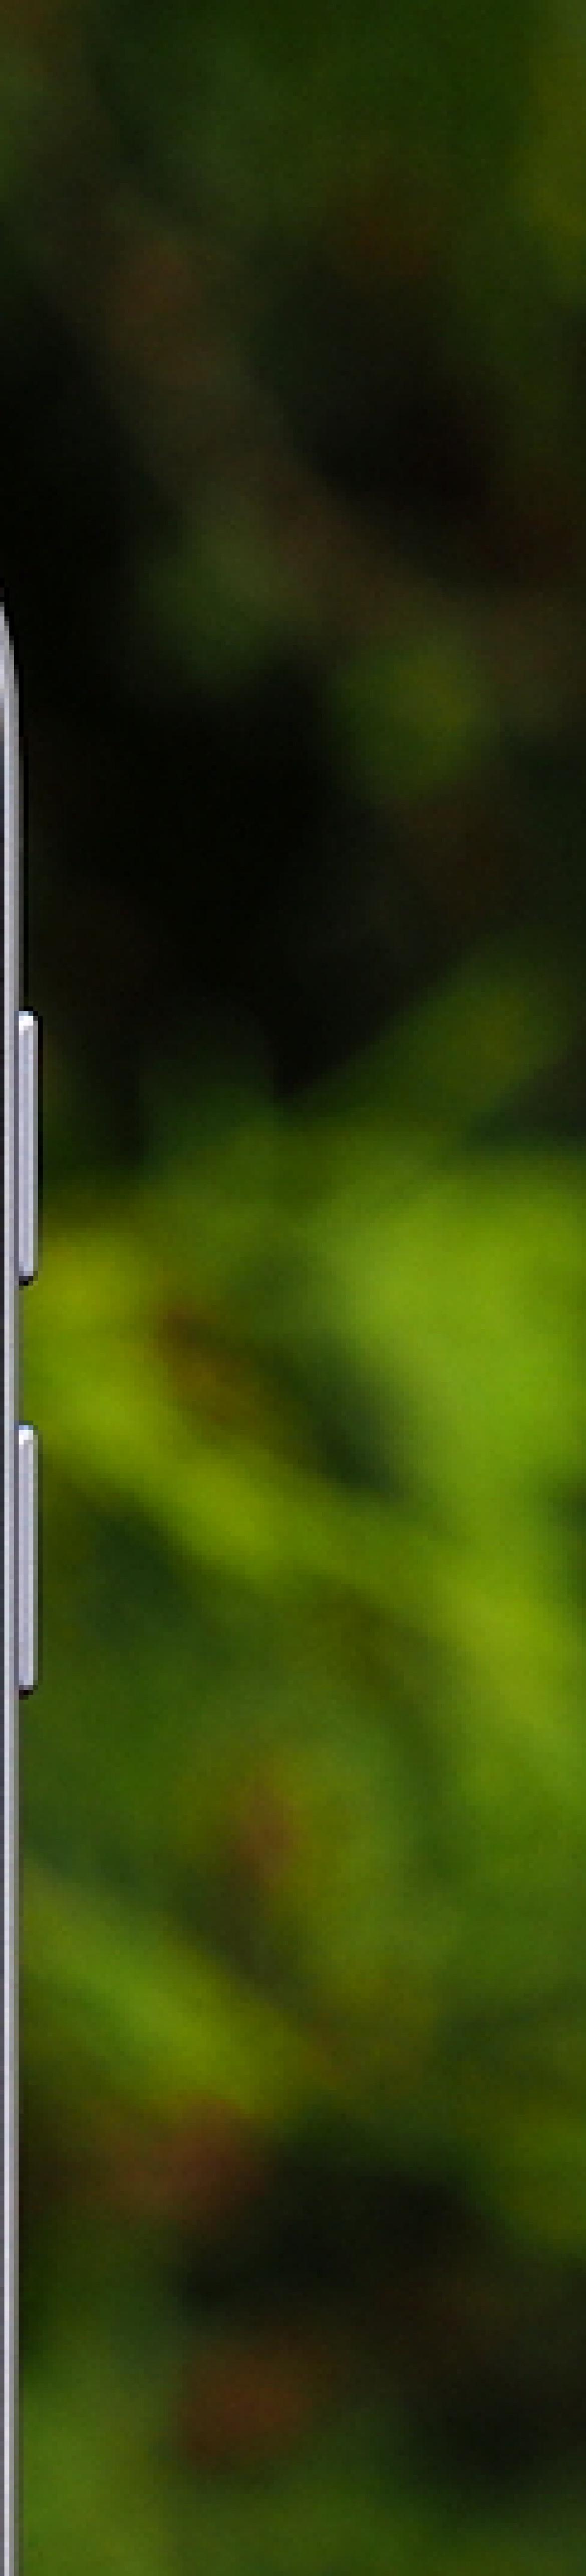 Samsung galaxy s7 iphone 7 porównanie